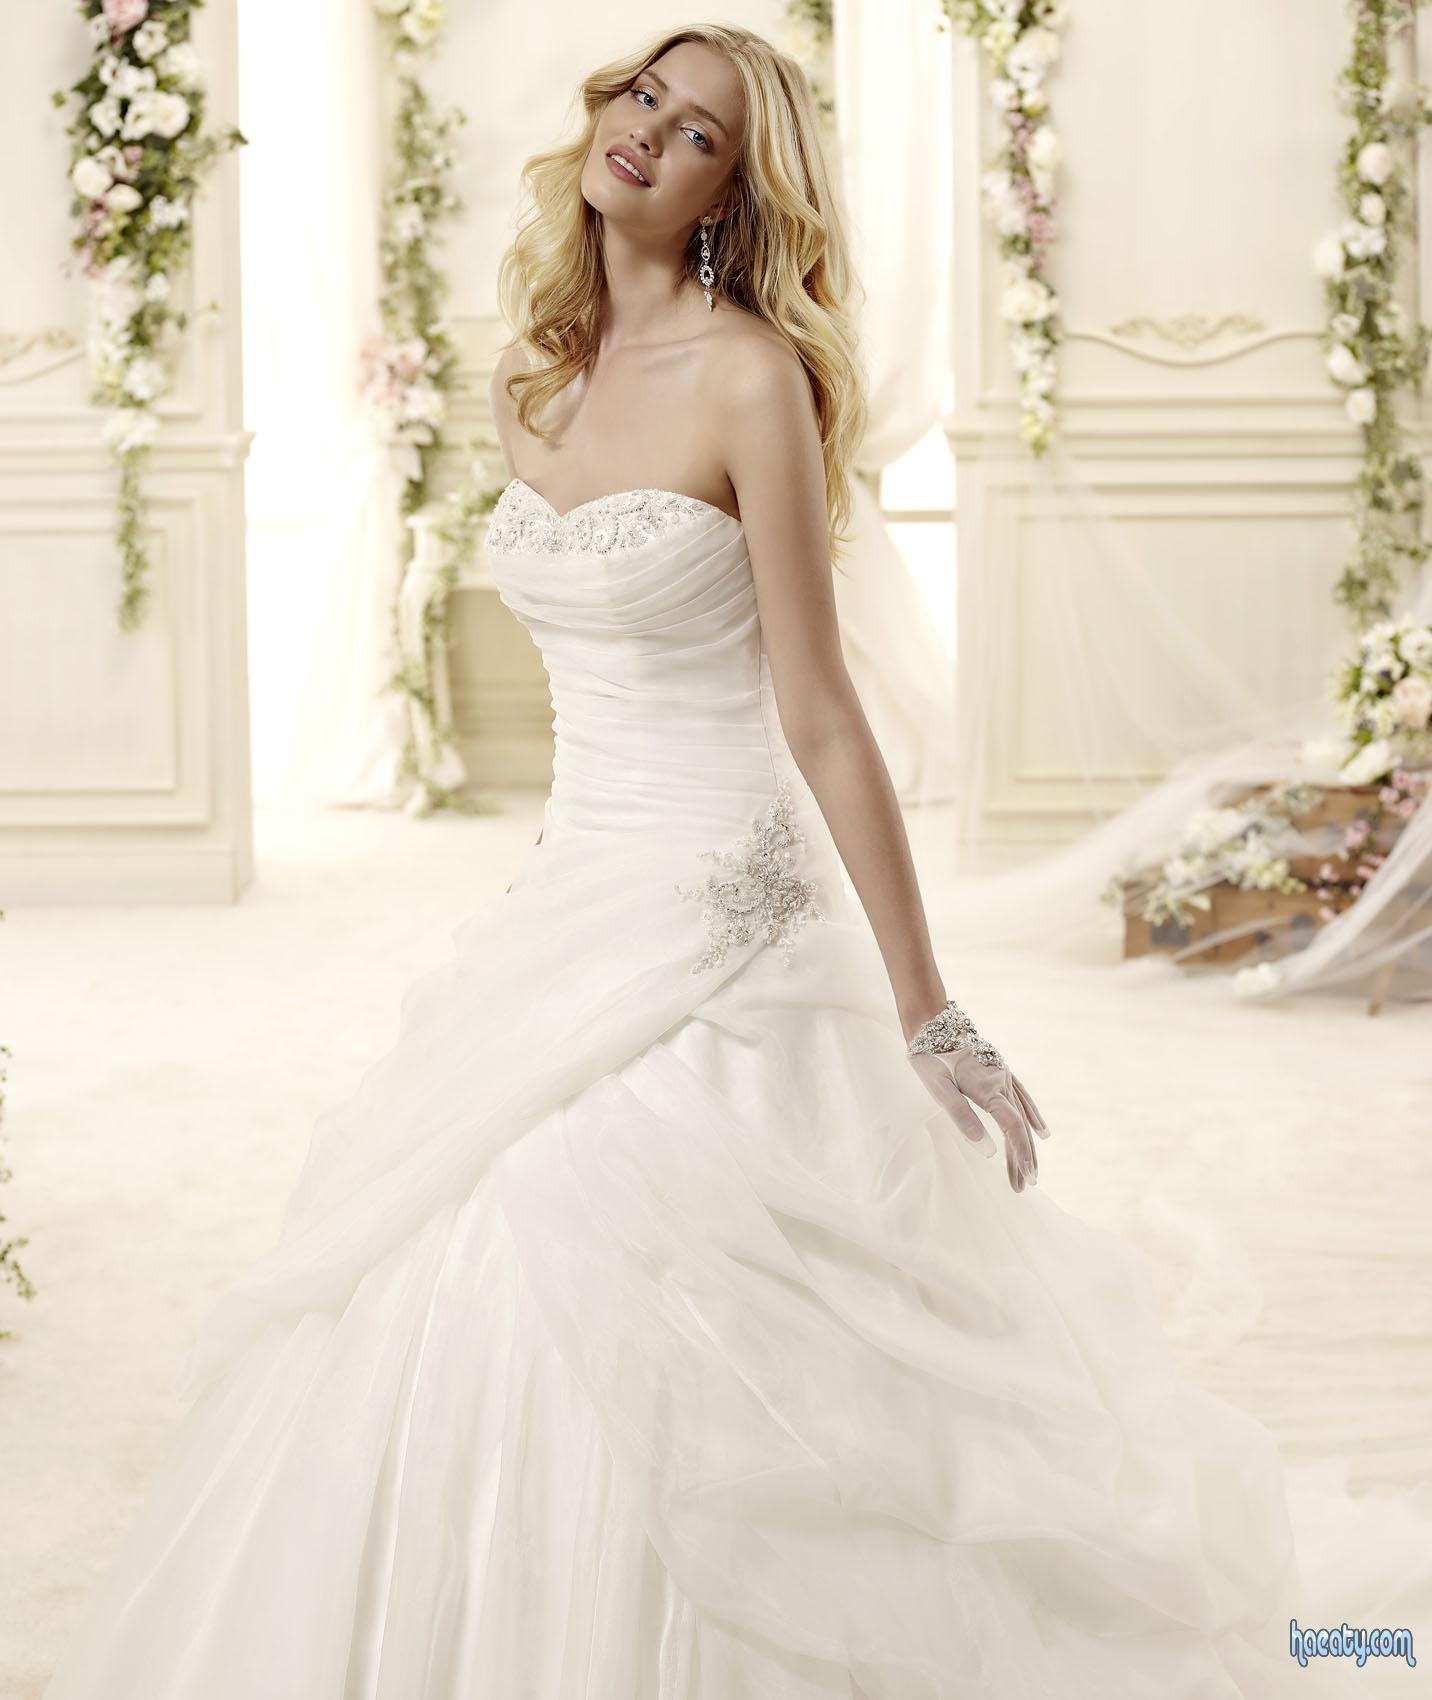 فساتين زفاف ايطاليا موضة 2015 142235780967.jpg